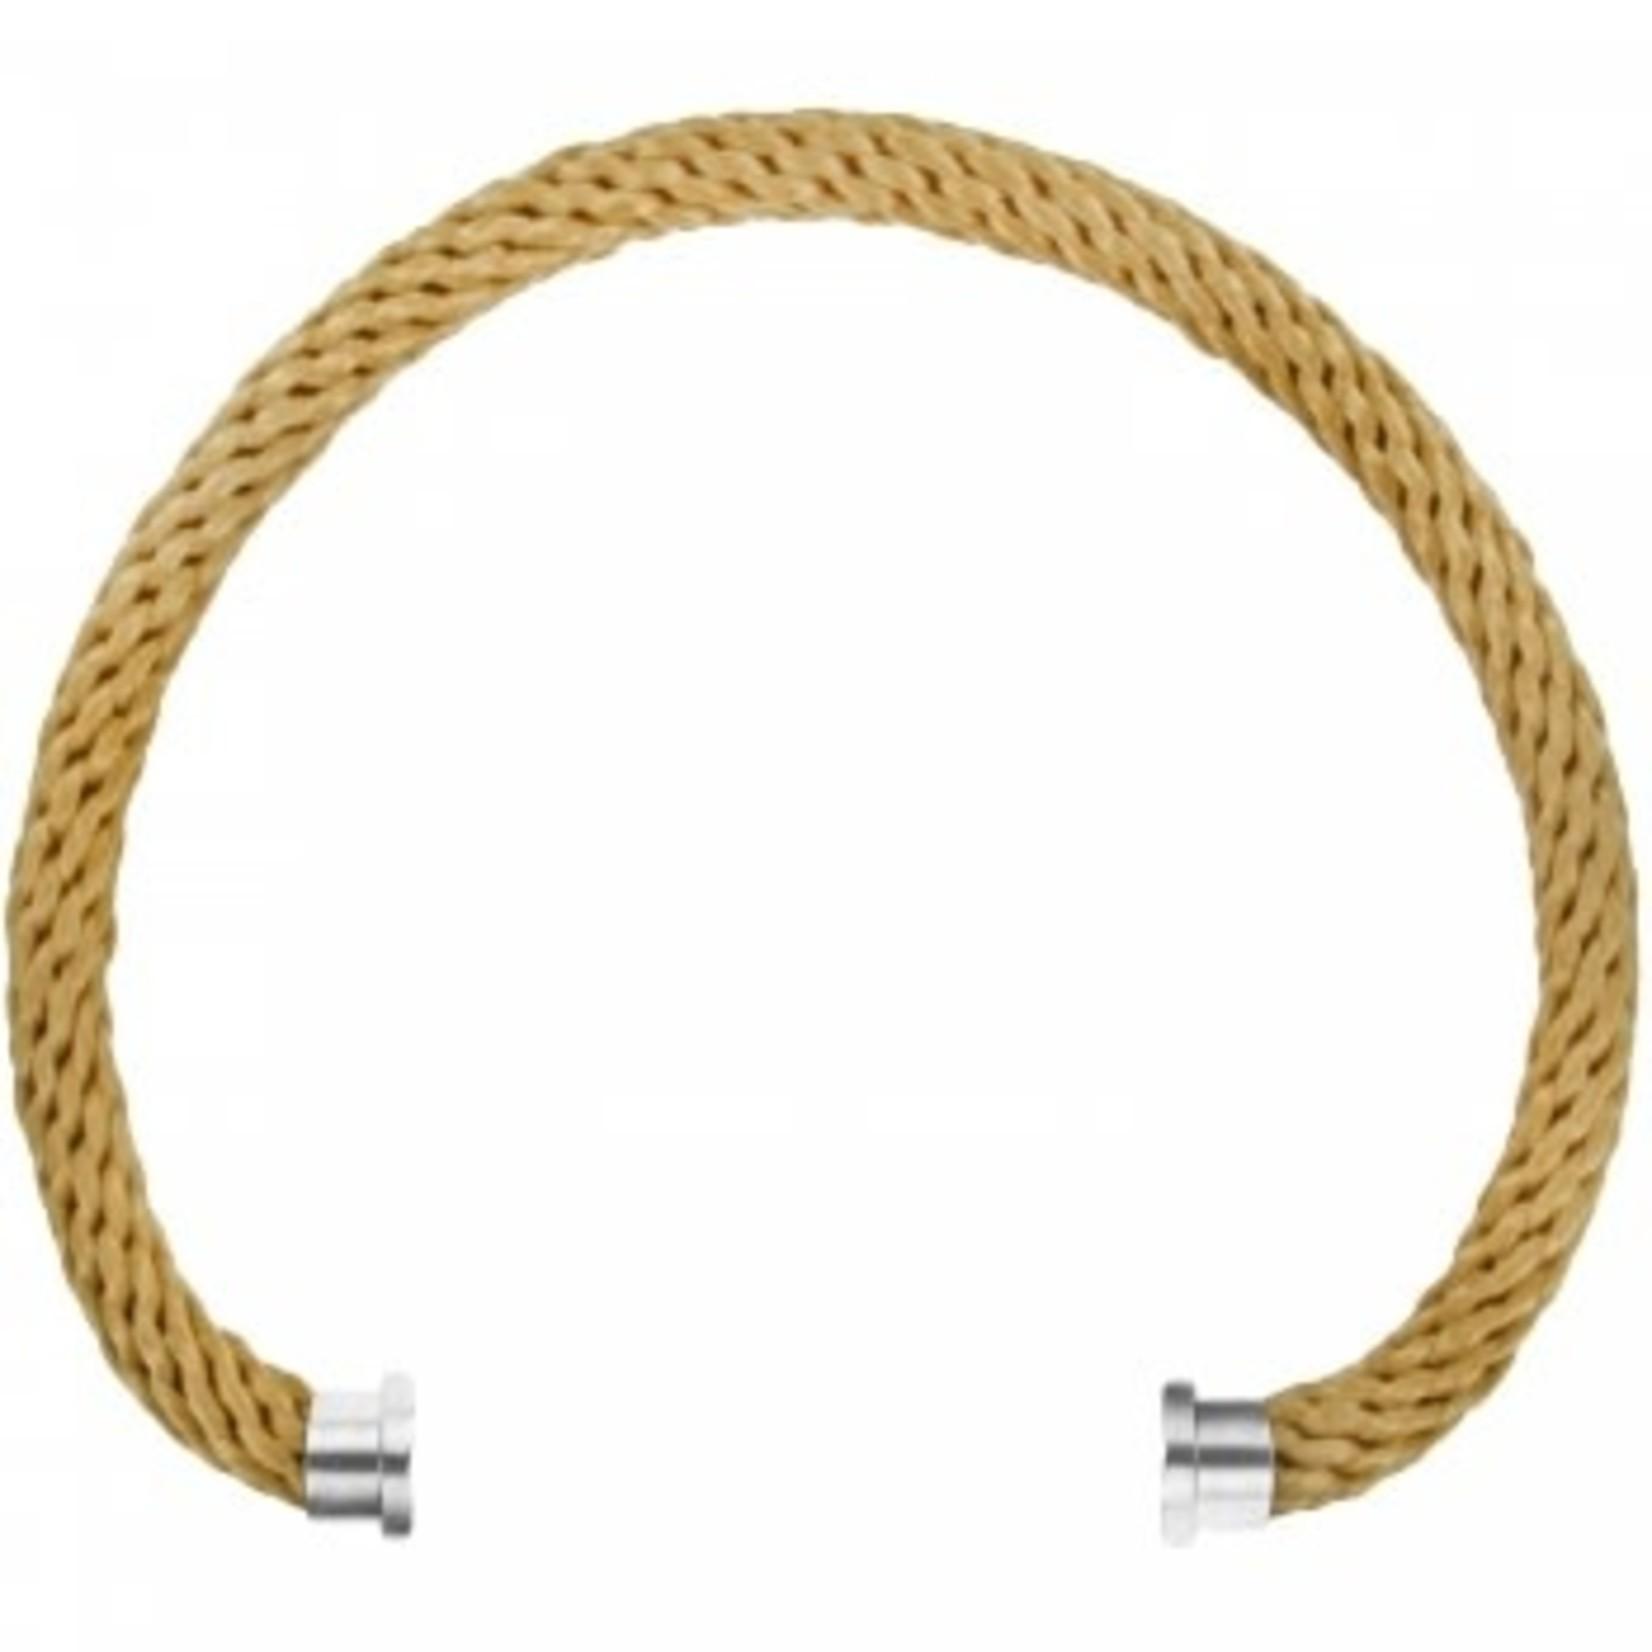 Brighton Color Clique Nylon Cord in Gold  S/M